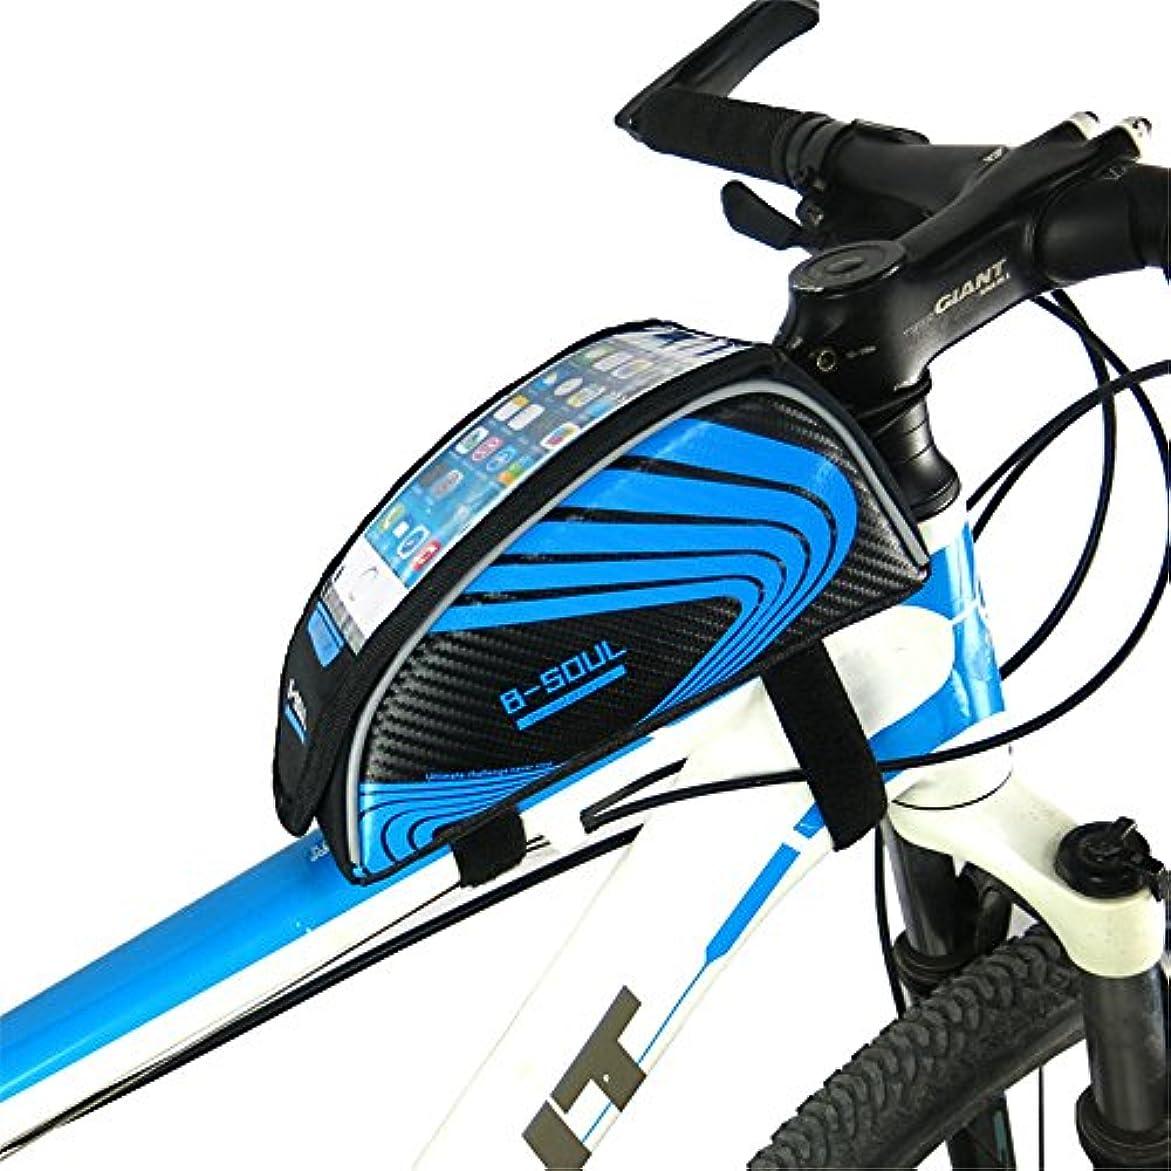 刃田舎職業自転車シートパックバッグアウトドアスポーツタッチスクリーン5.5インチ携帯電話バッグ自転車フロントフレームマウンテンバイクマウンテンバイクサドルバッグ 自転車サドルバッグ大容量 (色 : 青)